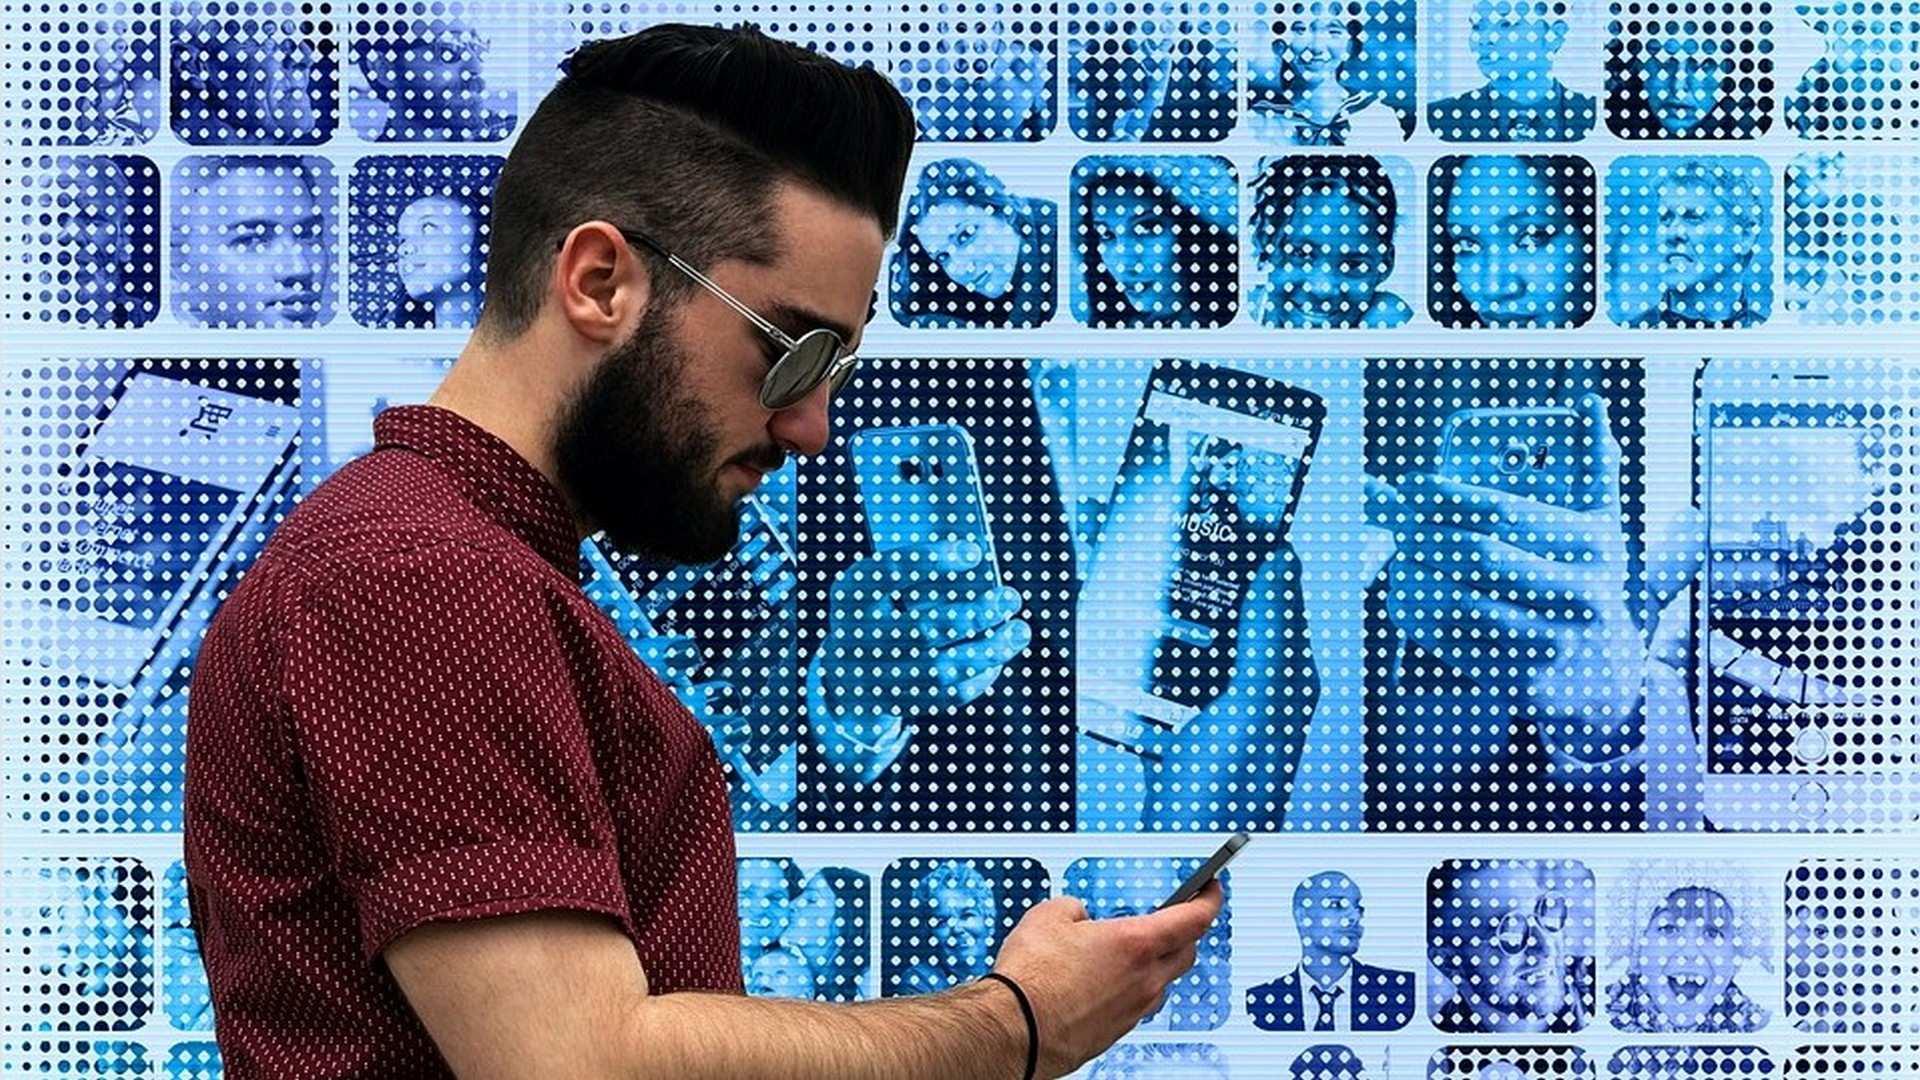 El Consumidor 19.0: ¿cómo compraremos después de la pandemia?